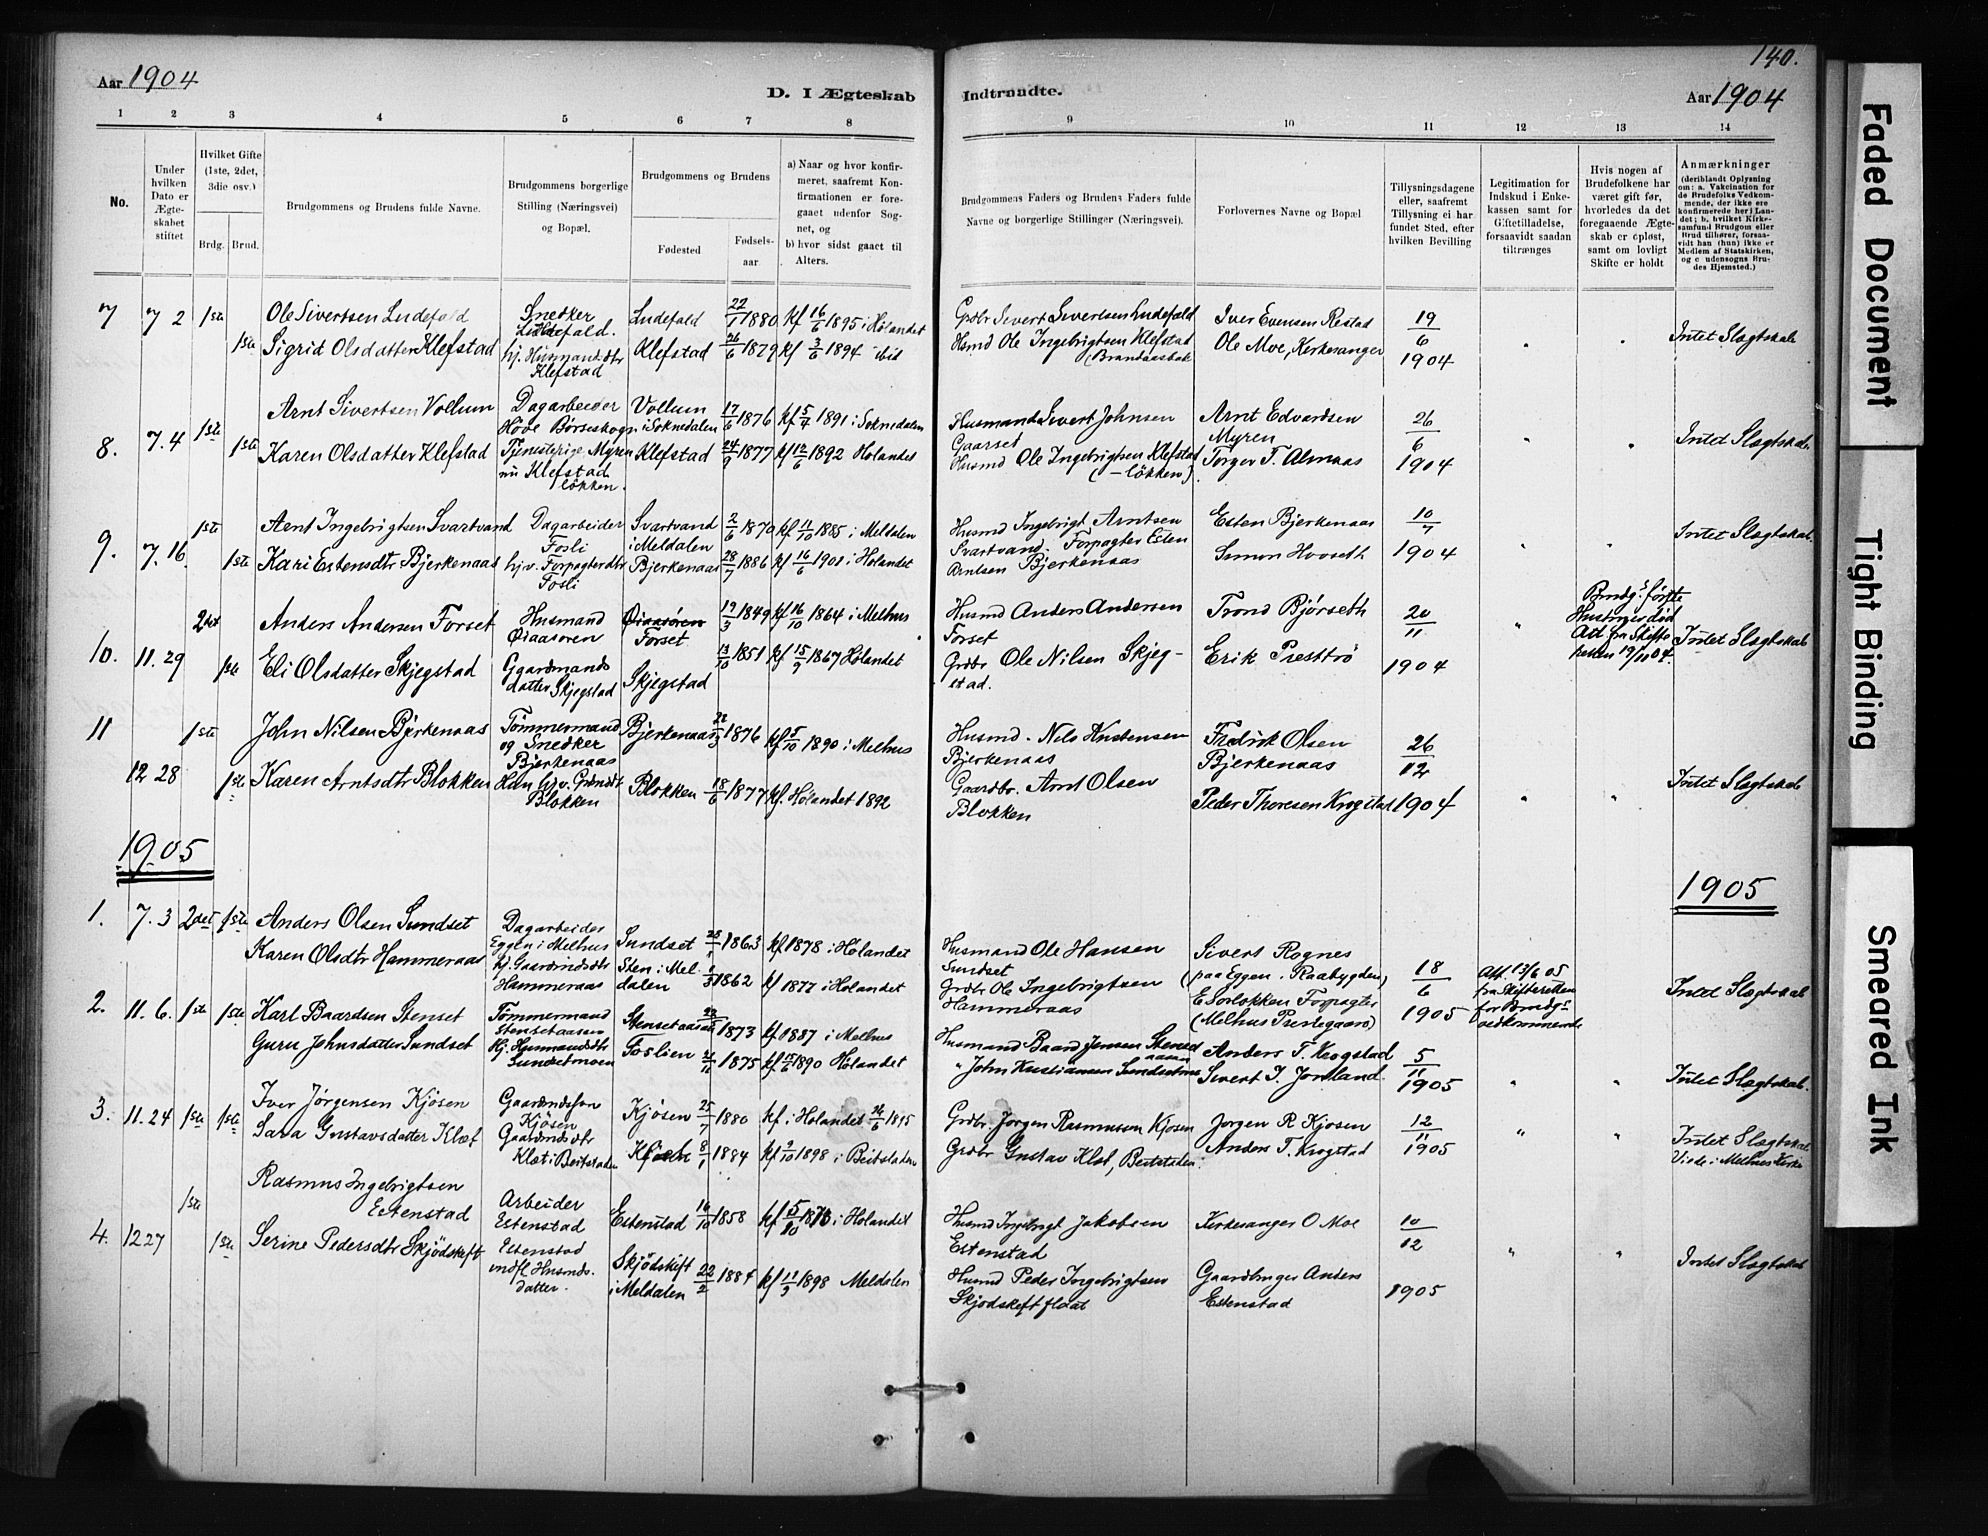 SAT, Ministerialprotokoller, klokkerbøker og fødselsregistre - Sør-Trøndelag, 694/L1127: Ministerialbok nr. 694A01, 1887-1905, s. 140